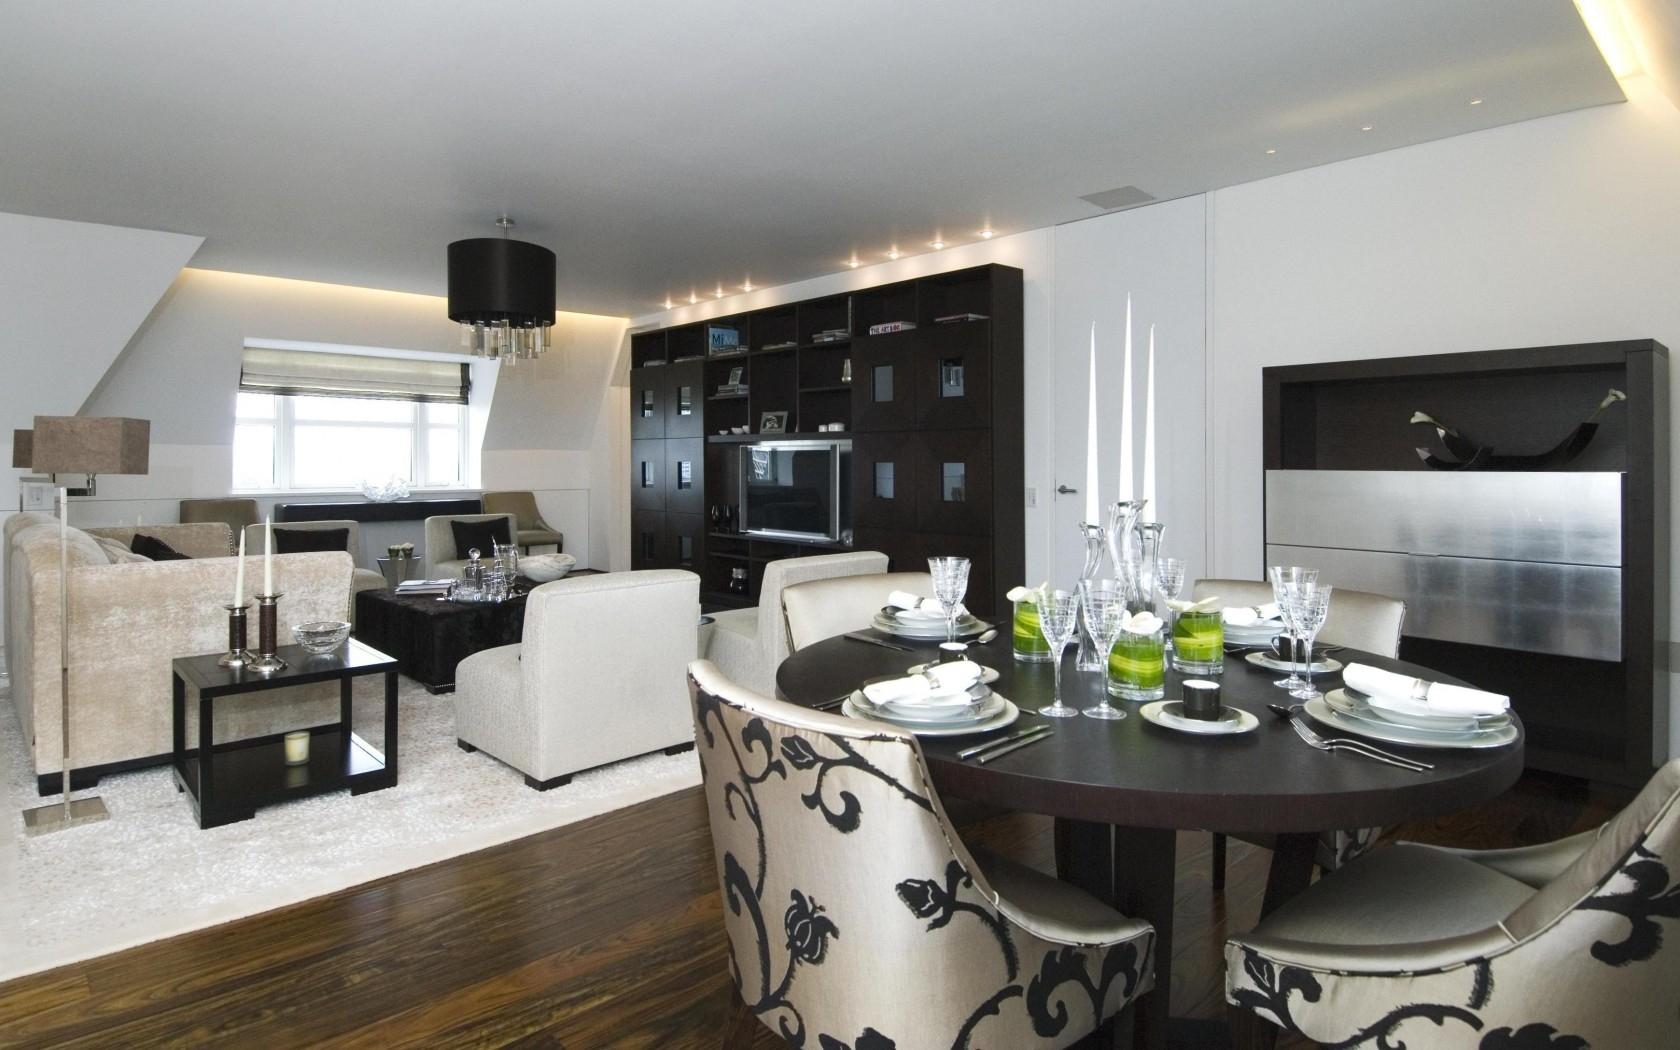 fond d 39 cran chambre int rieur maison design d 39 int rieur biens salle manger conception. Black Bedroom Furniture Sets. Home Design Ideas